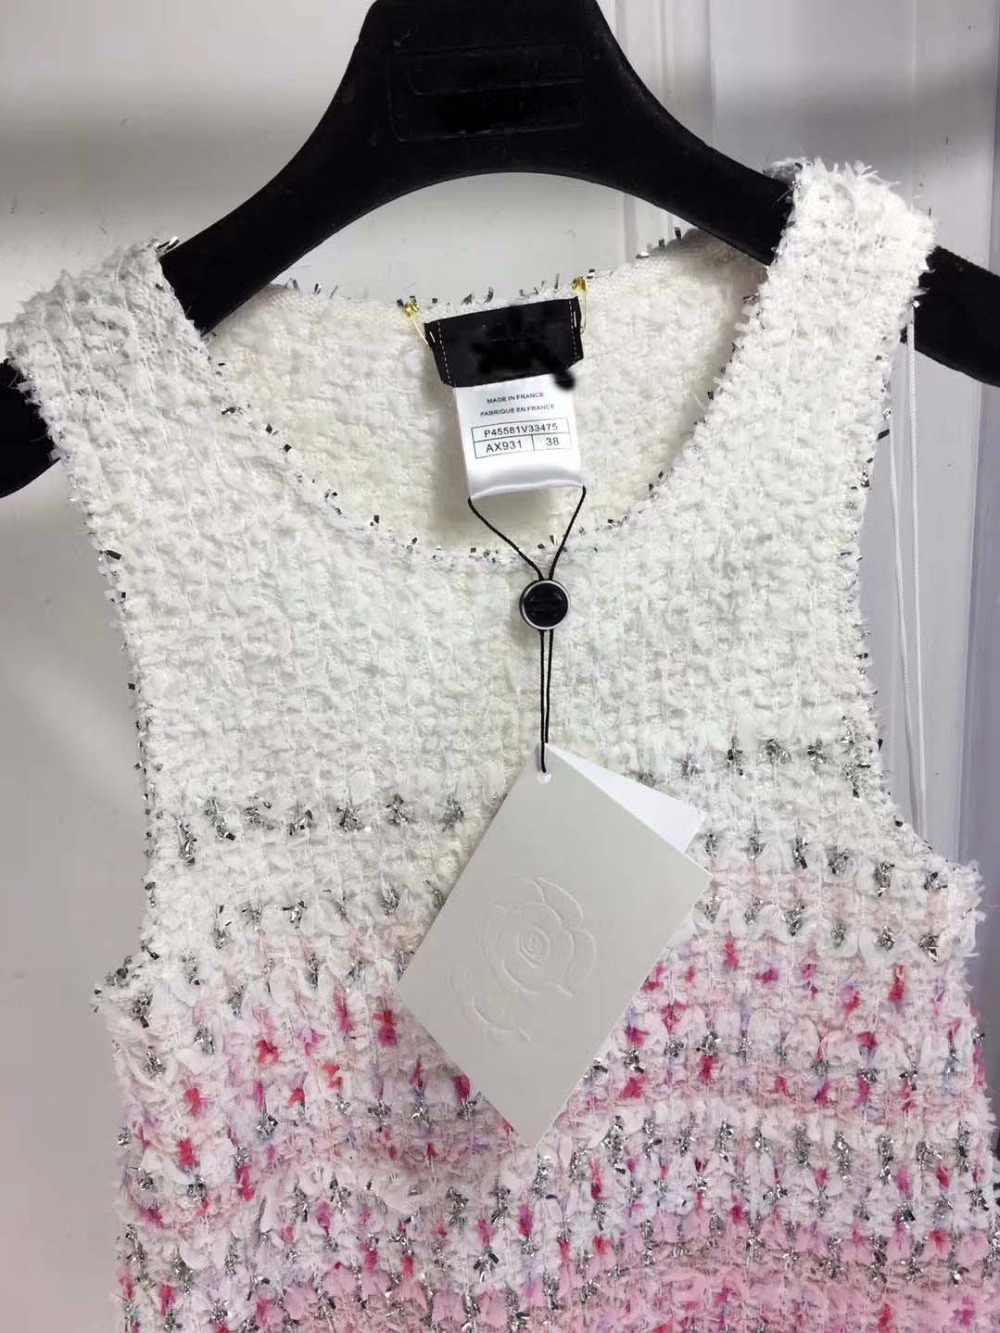 ผลิตภัณฑ์ใหม่ในช่วงฤดูร้อนเซ็กซี่elbise midiชุดvestido festa e vevingพรรคสีชมพูเสื้อผ้าสตรียูเครนชุดแฟชั่นสำหรับผู้หญิง